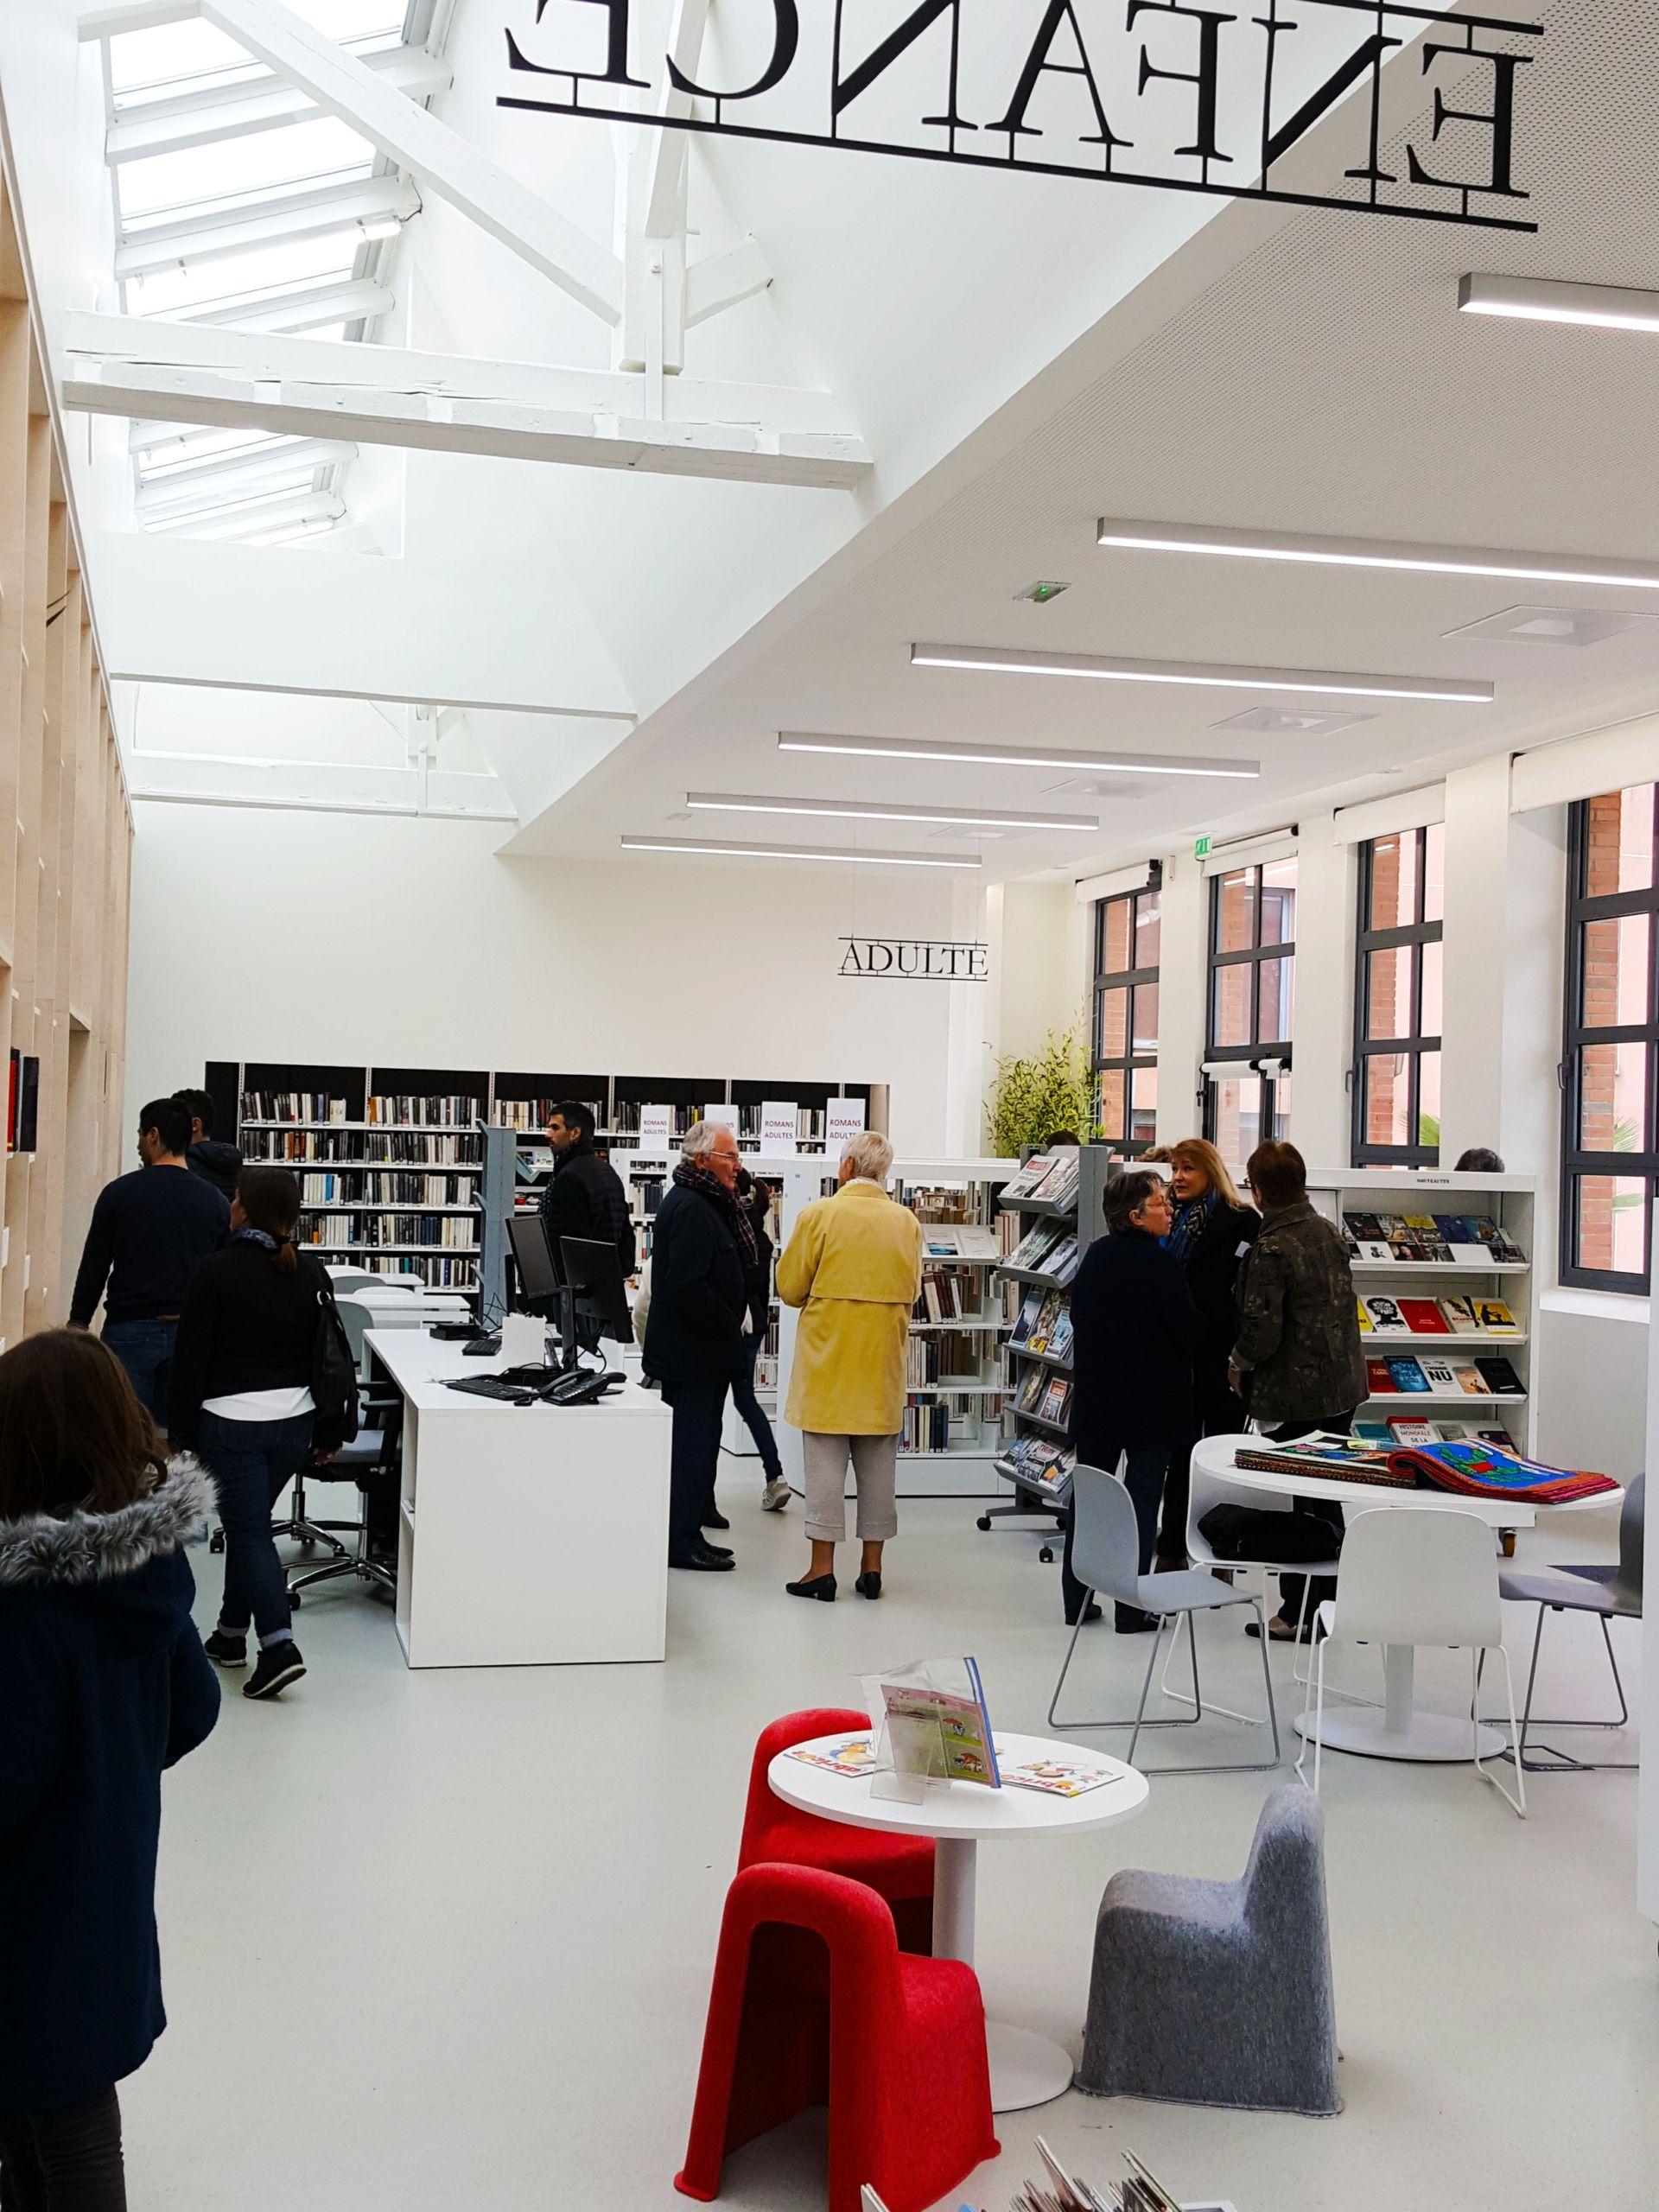 bibliotheque aucamville